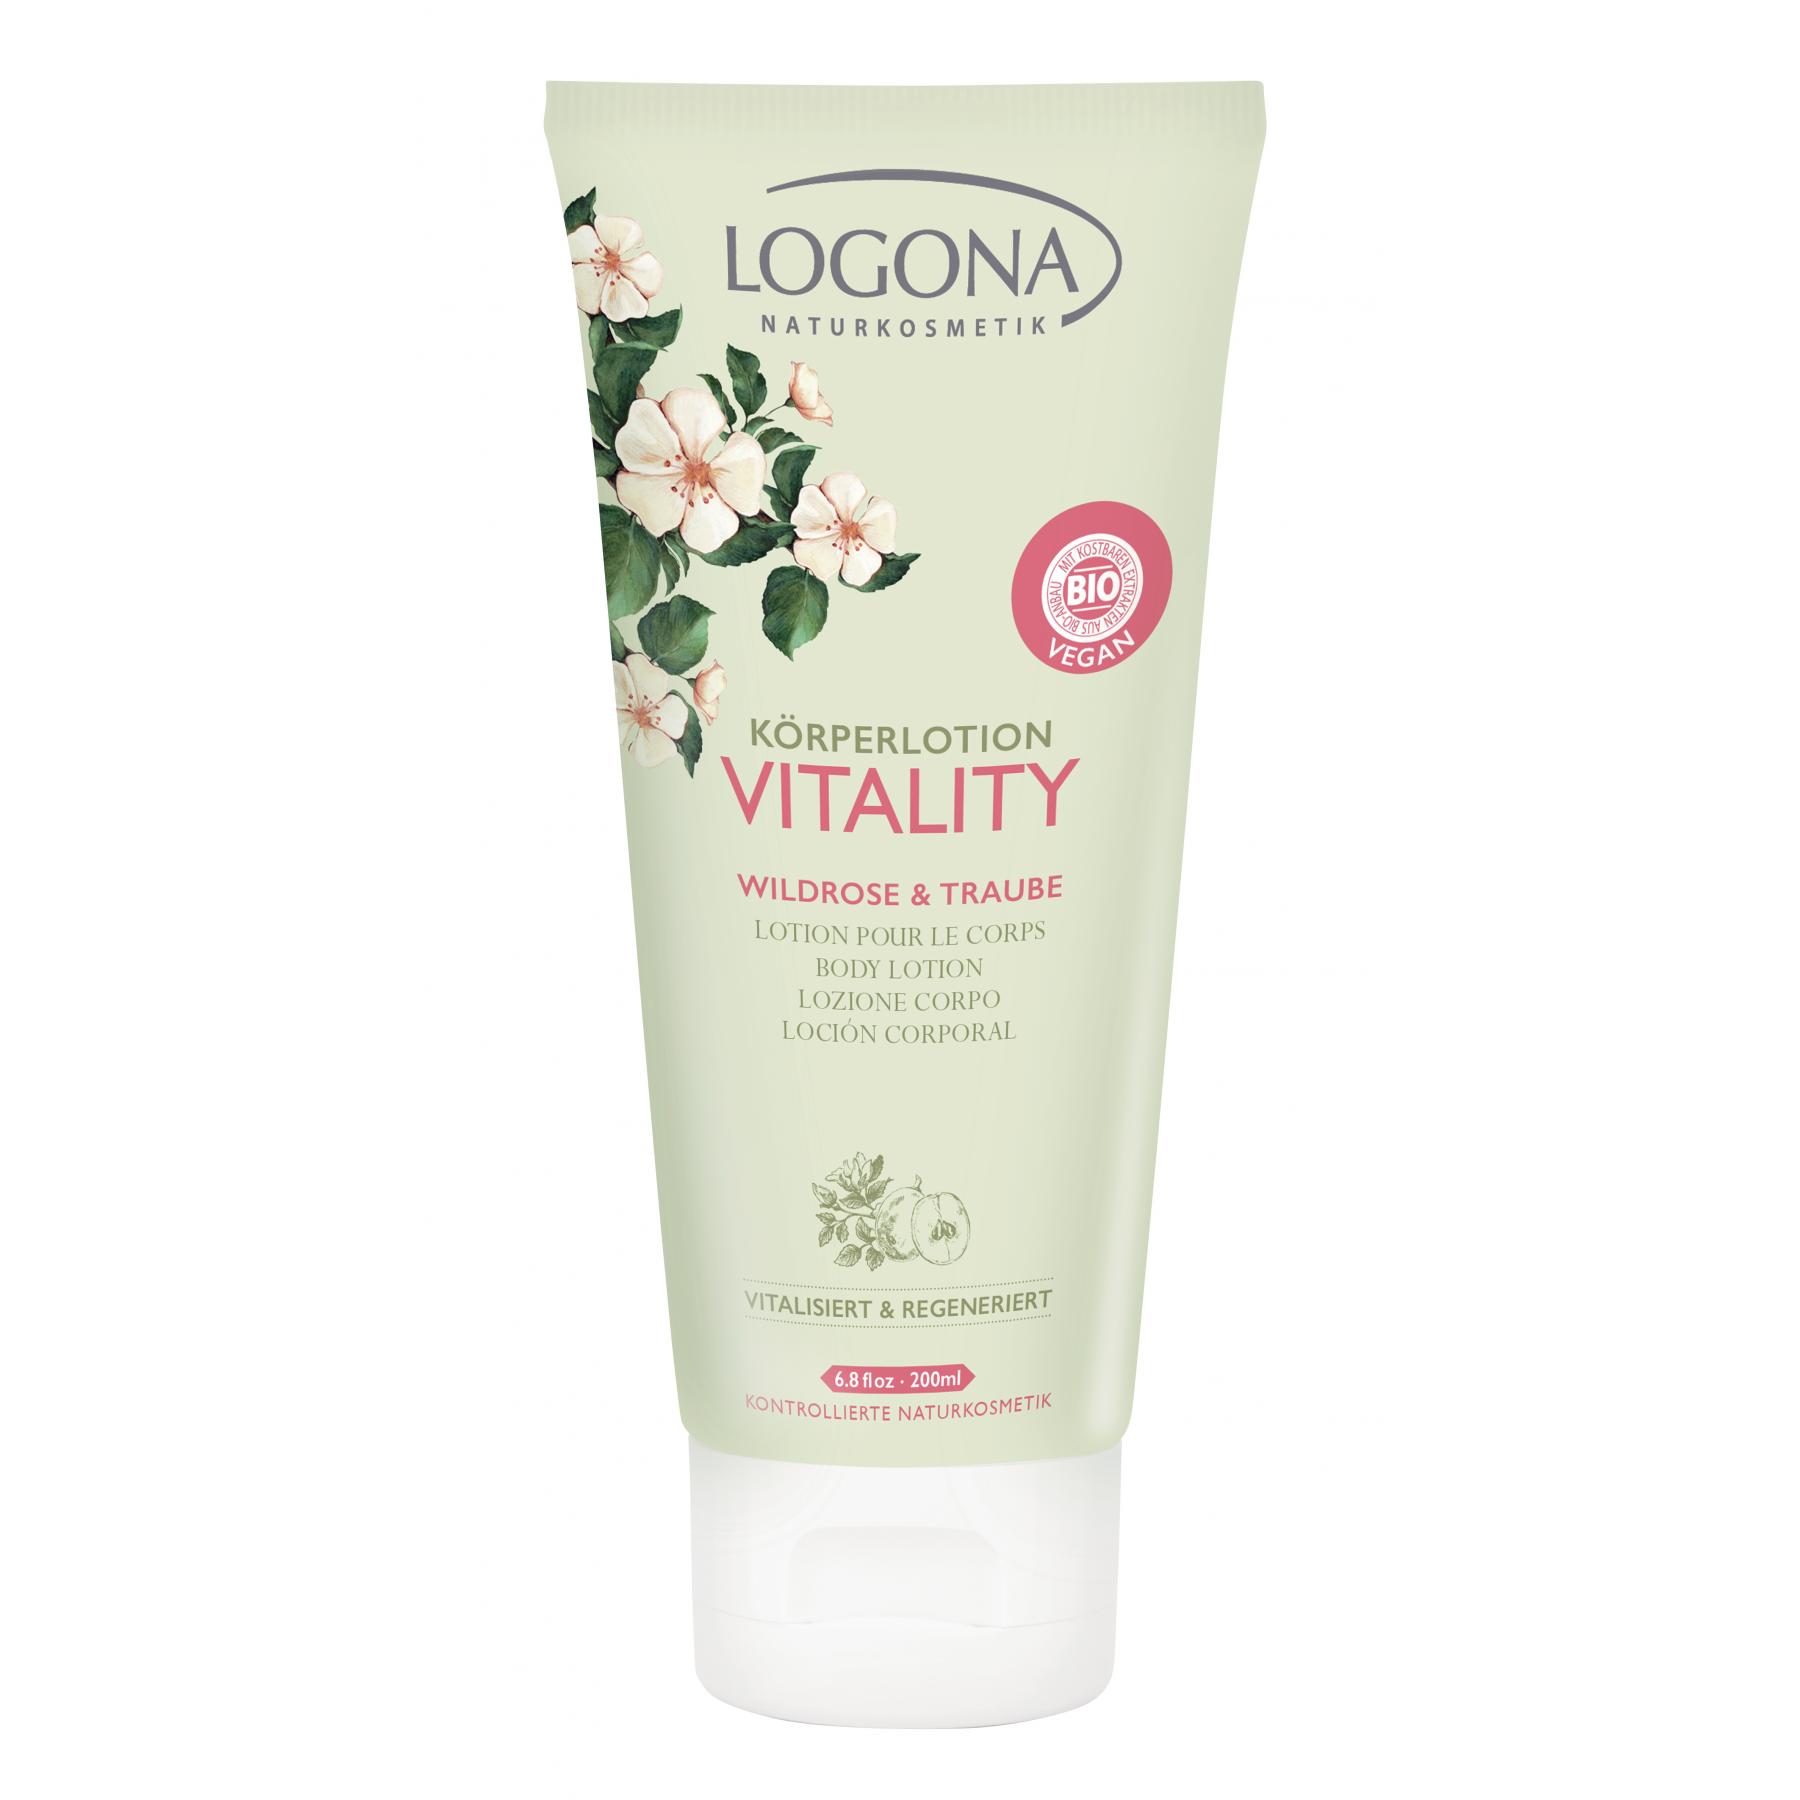 Bodylotion Vitality Villrose & Drue - 200ml